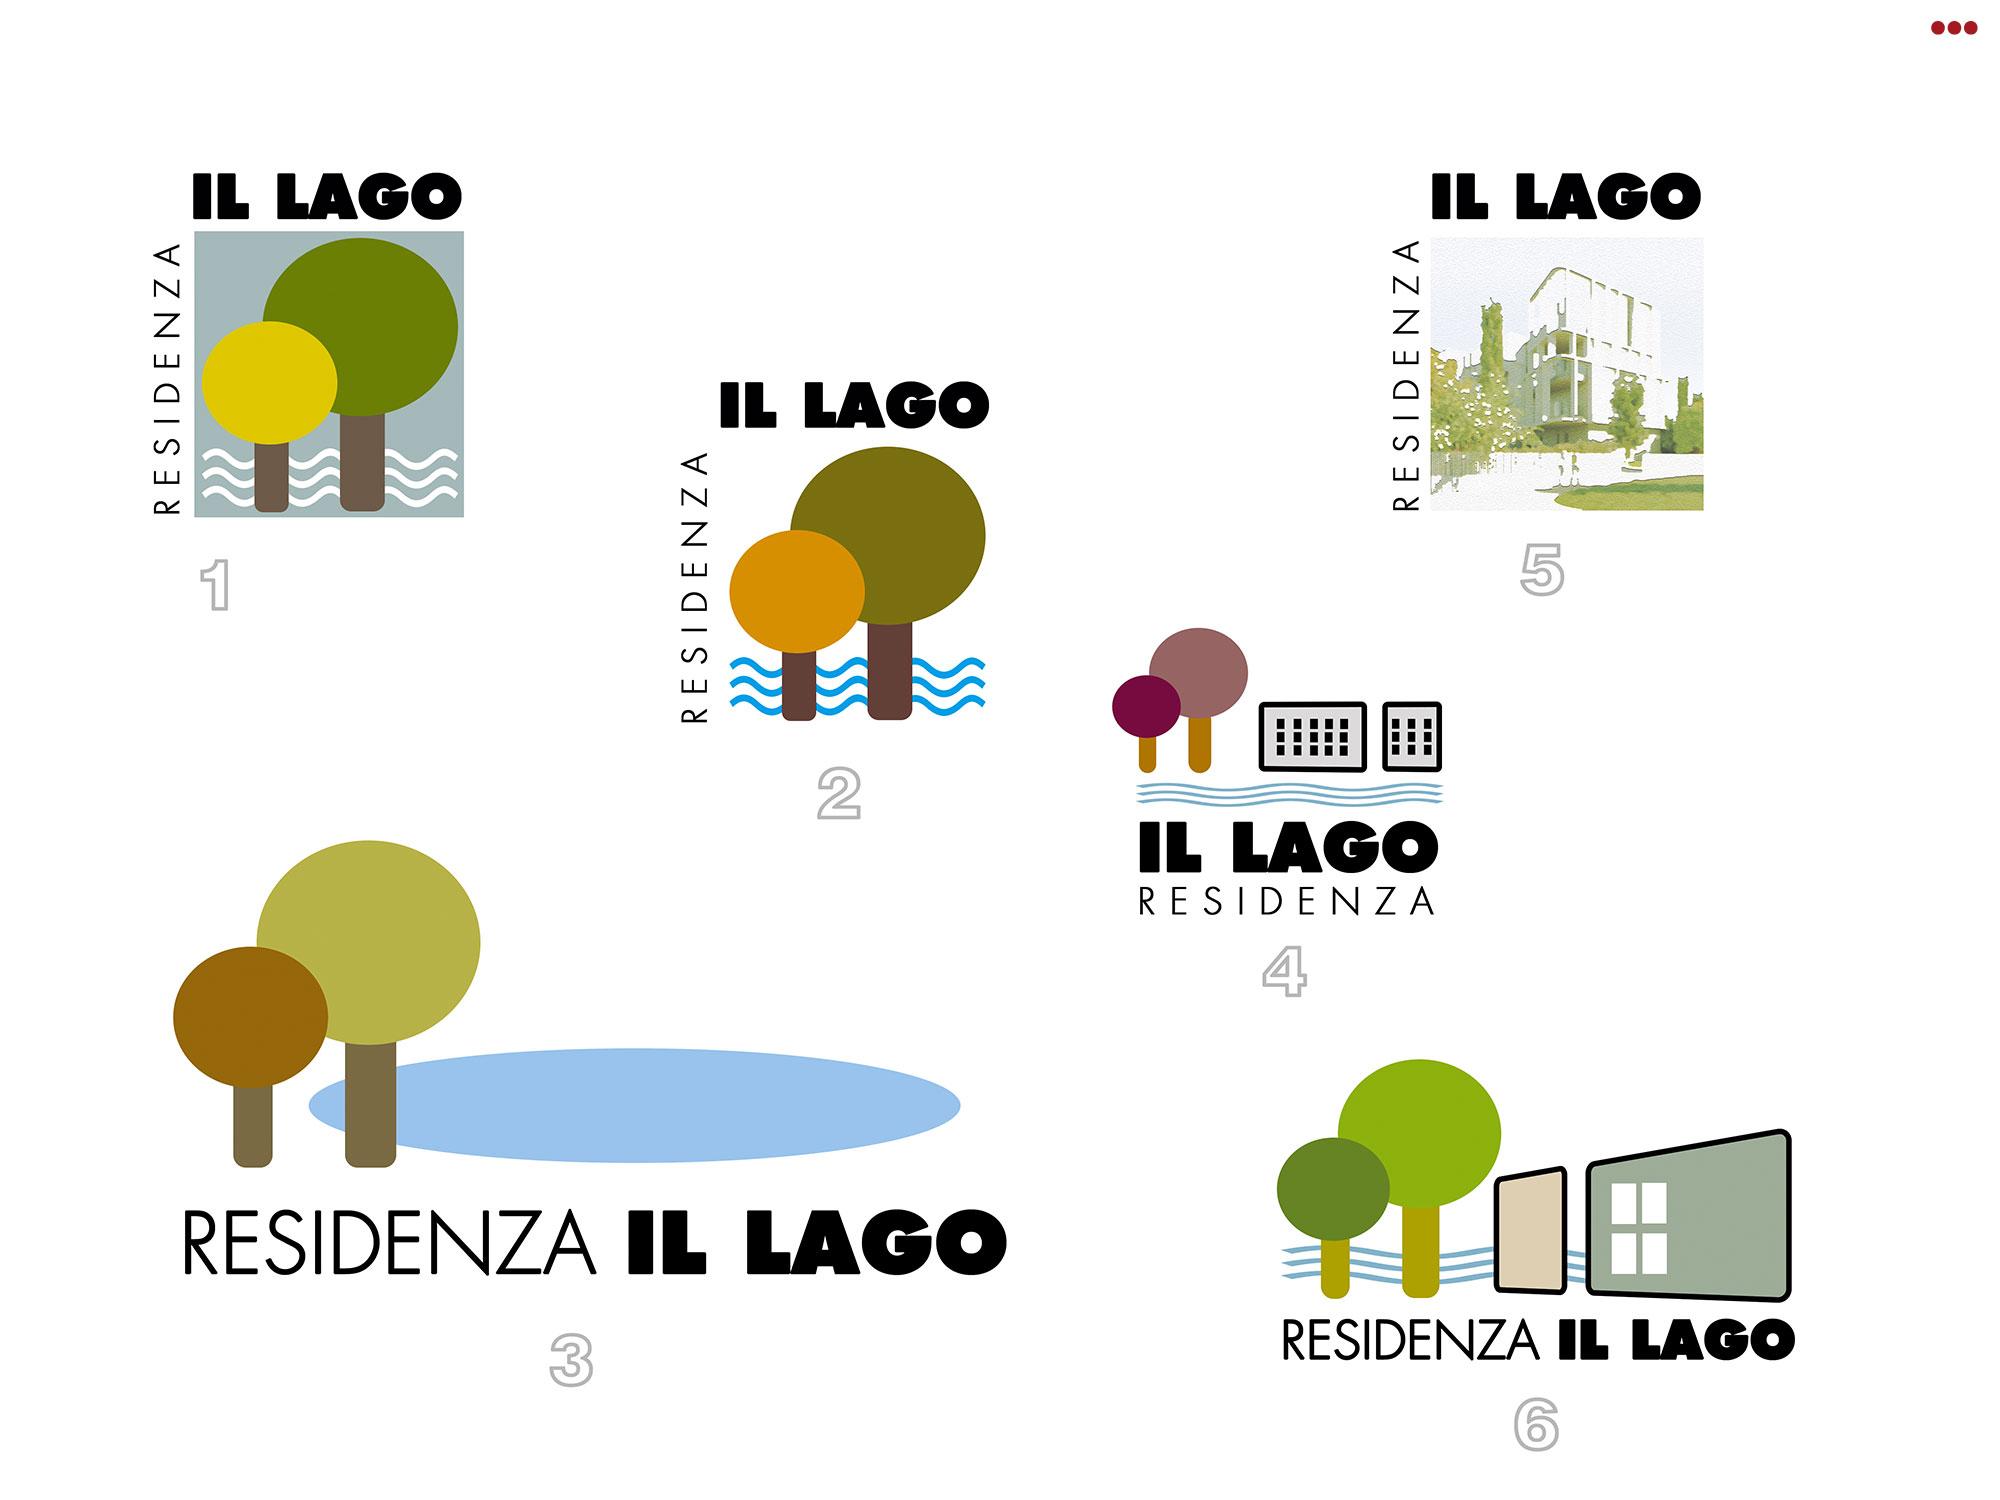 Studio Bartolini logo immagini coordinate grafica logo residenza il lago